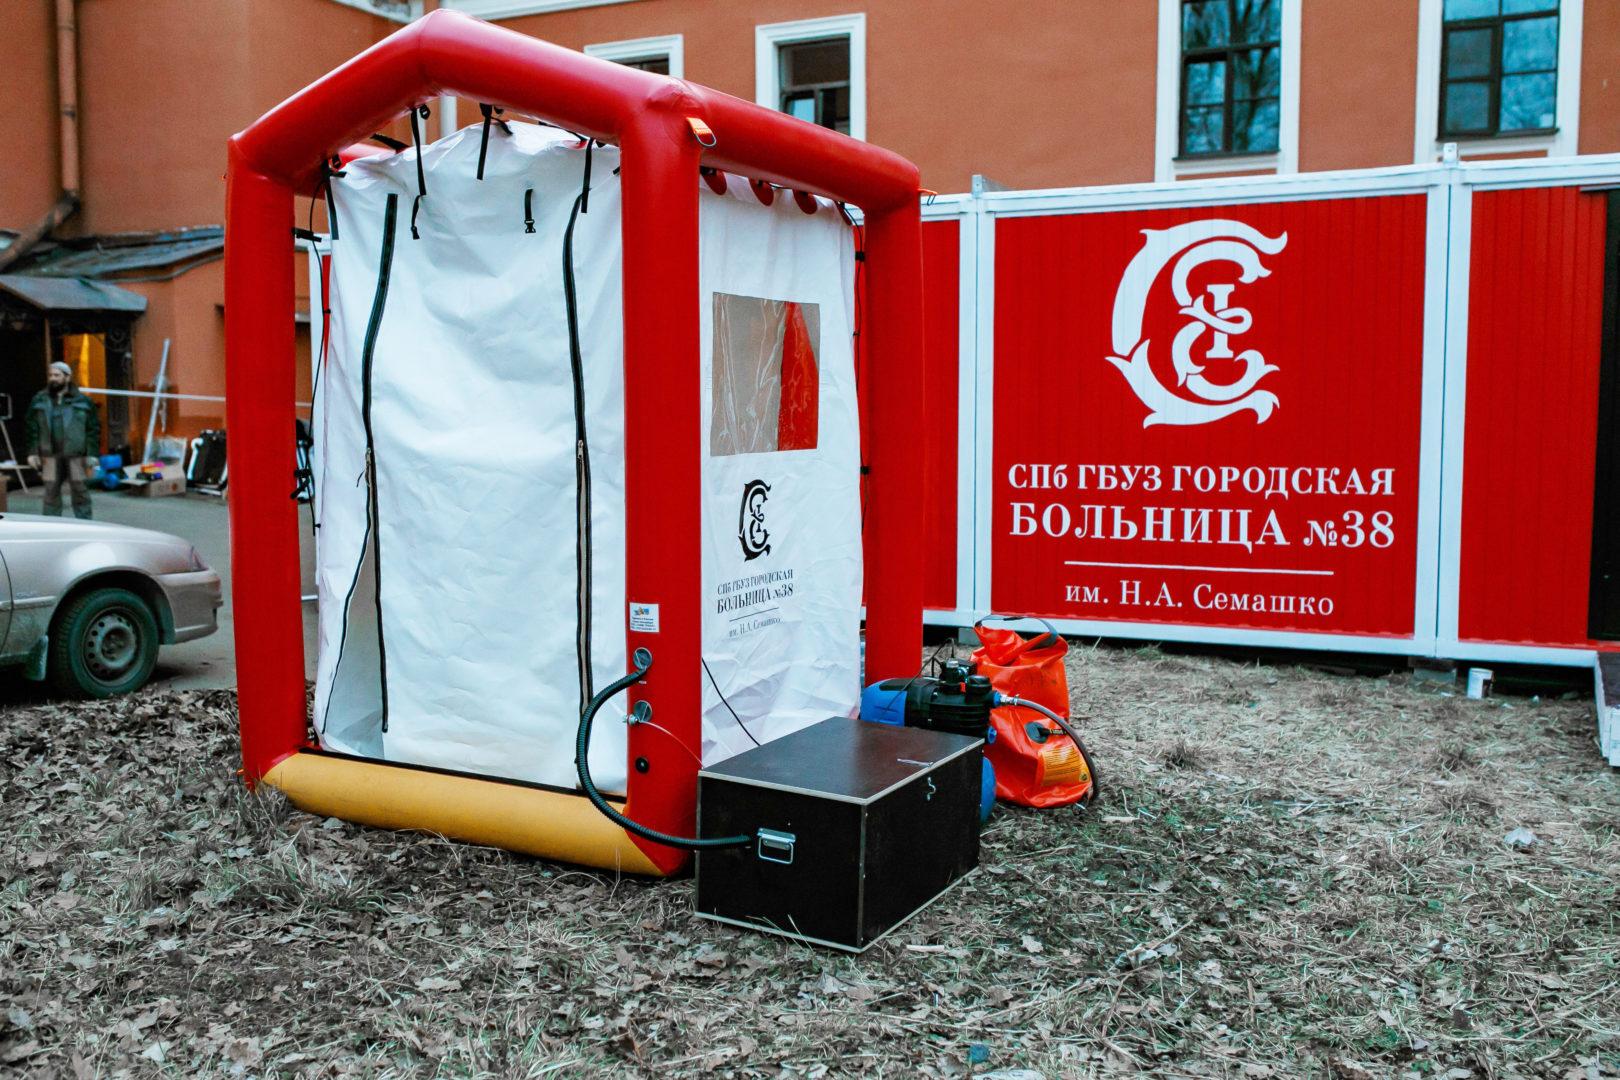 Быстровозводимая мобильная дезактивационная палатка для обеззараживания и дезинфекции